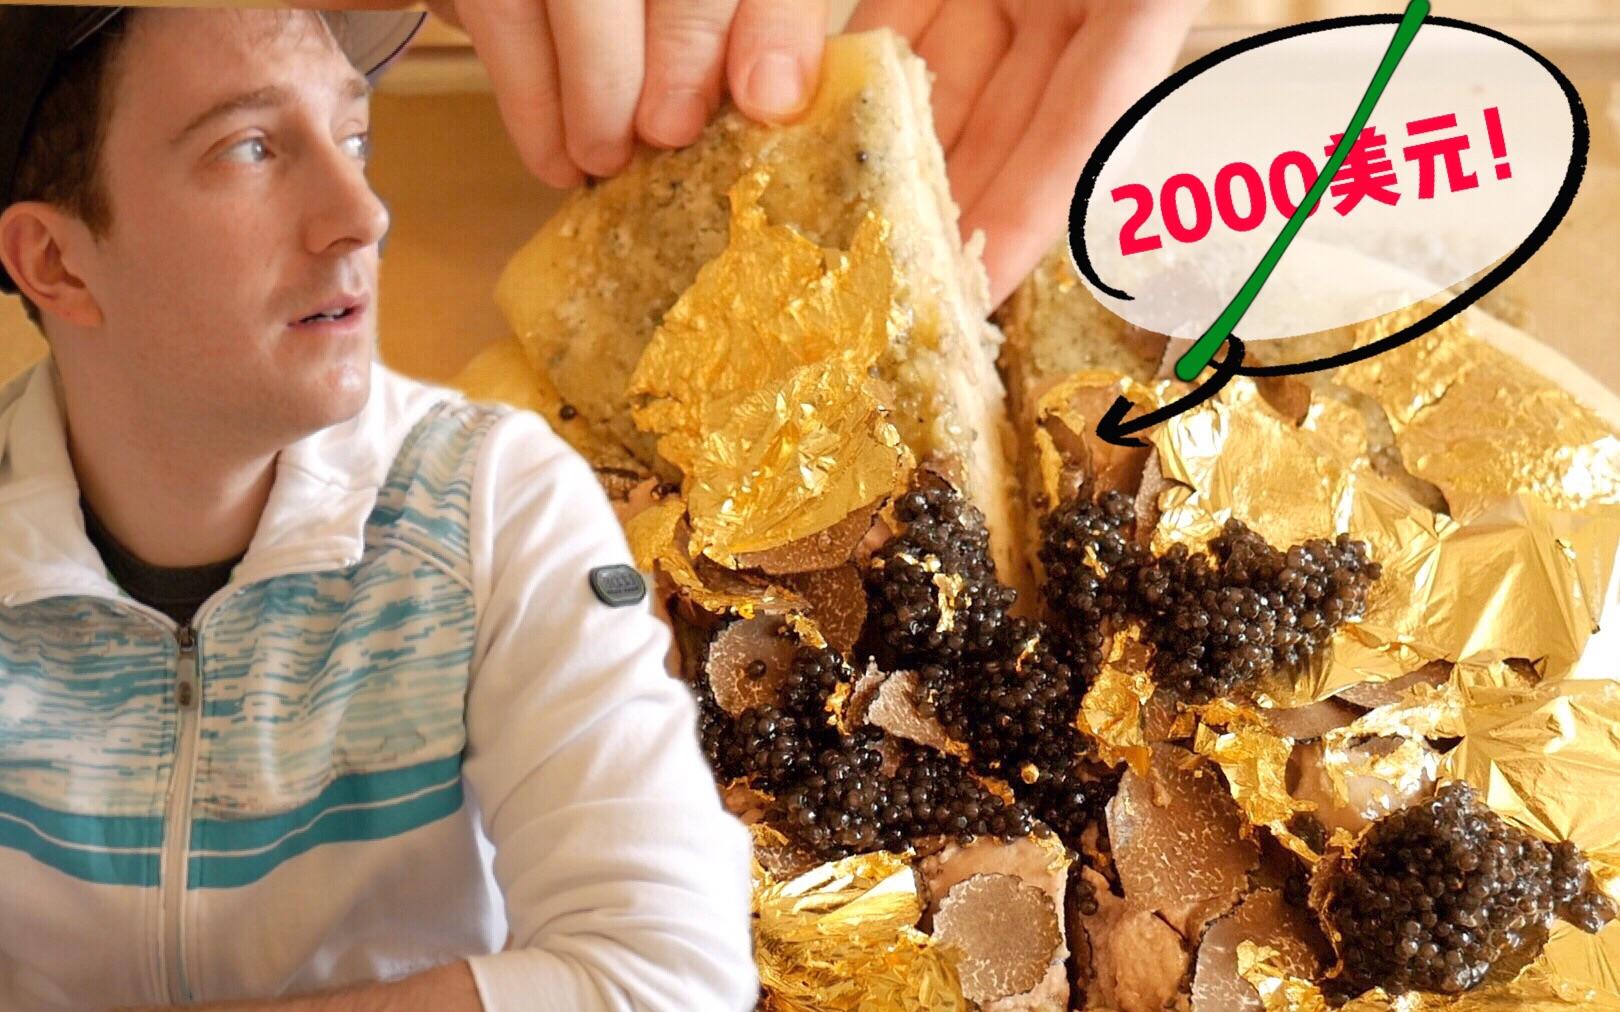 纽约最贵2000美元黄金披萨,自己做要花多少钱?